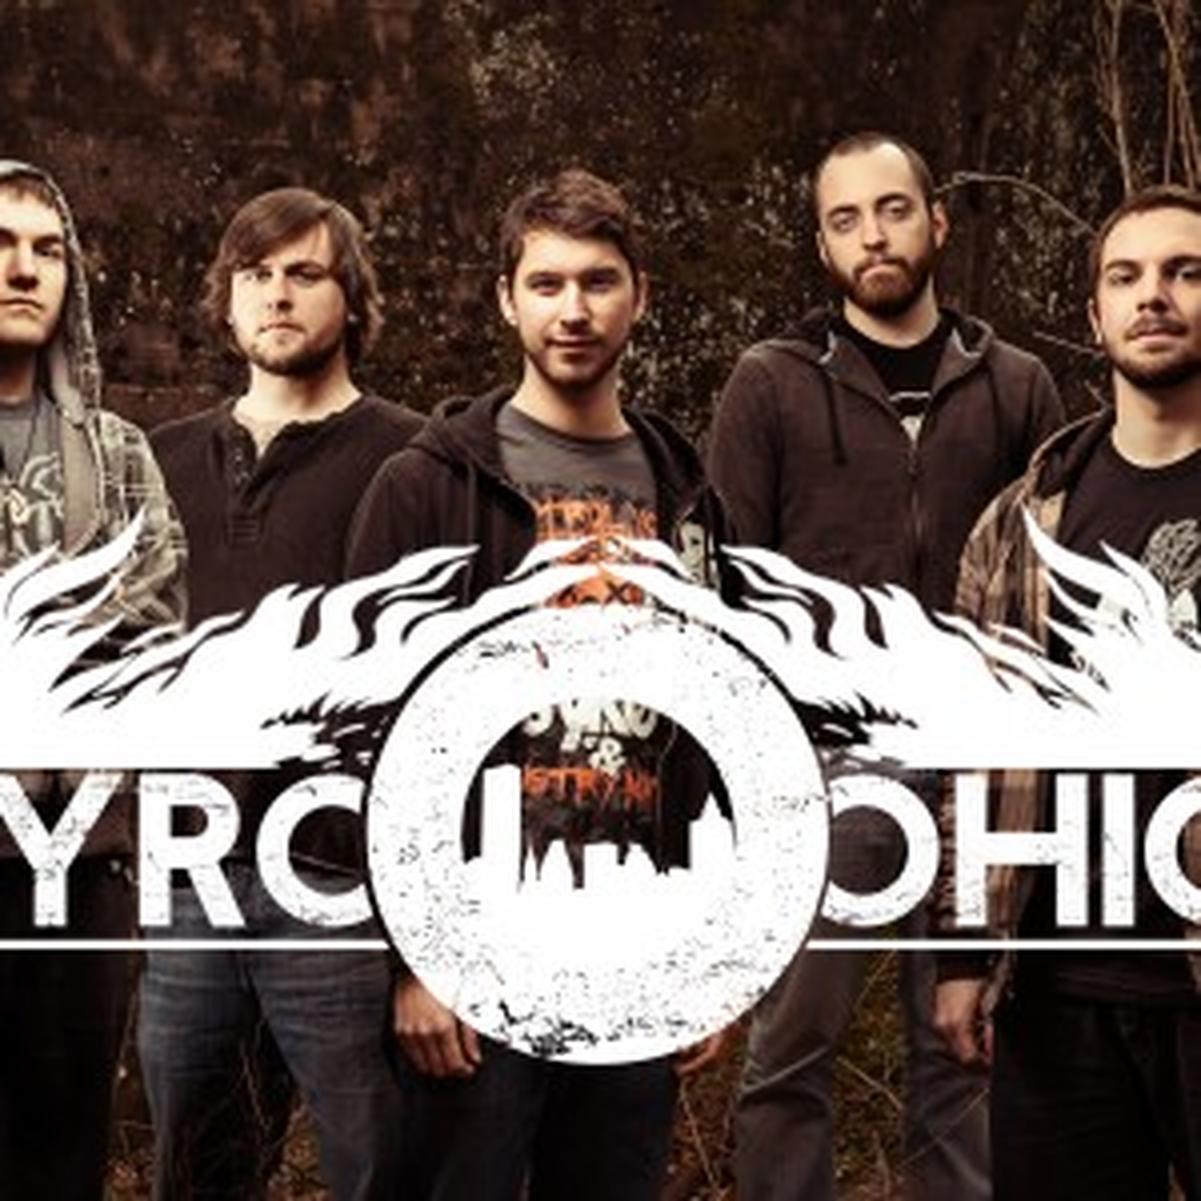 Pyro, Ohio wiki, Pyro, Ohio review, Pyro, Ohio history, Pyro, Ohio news